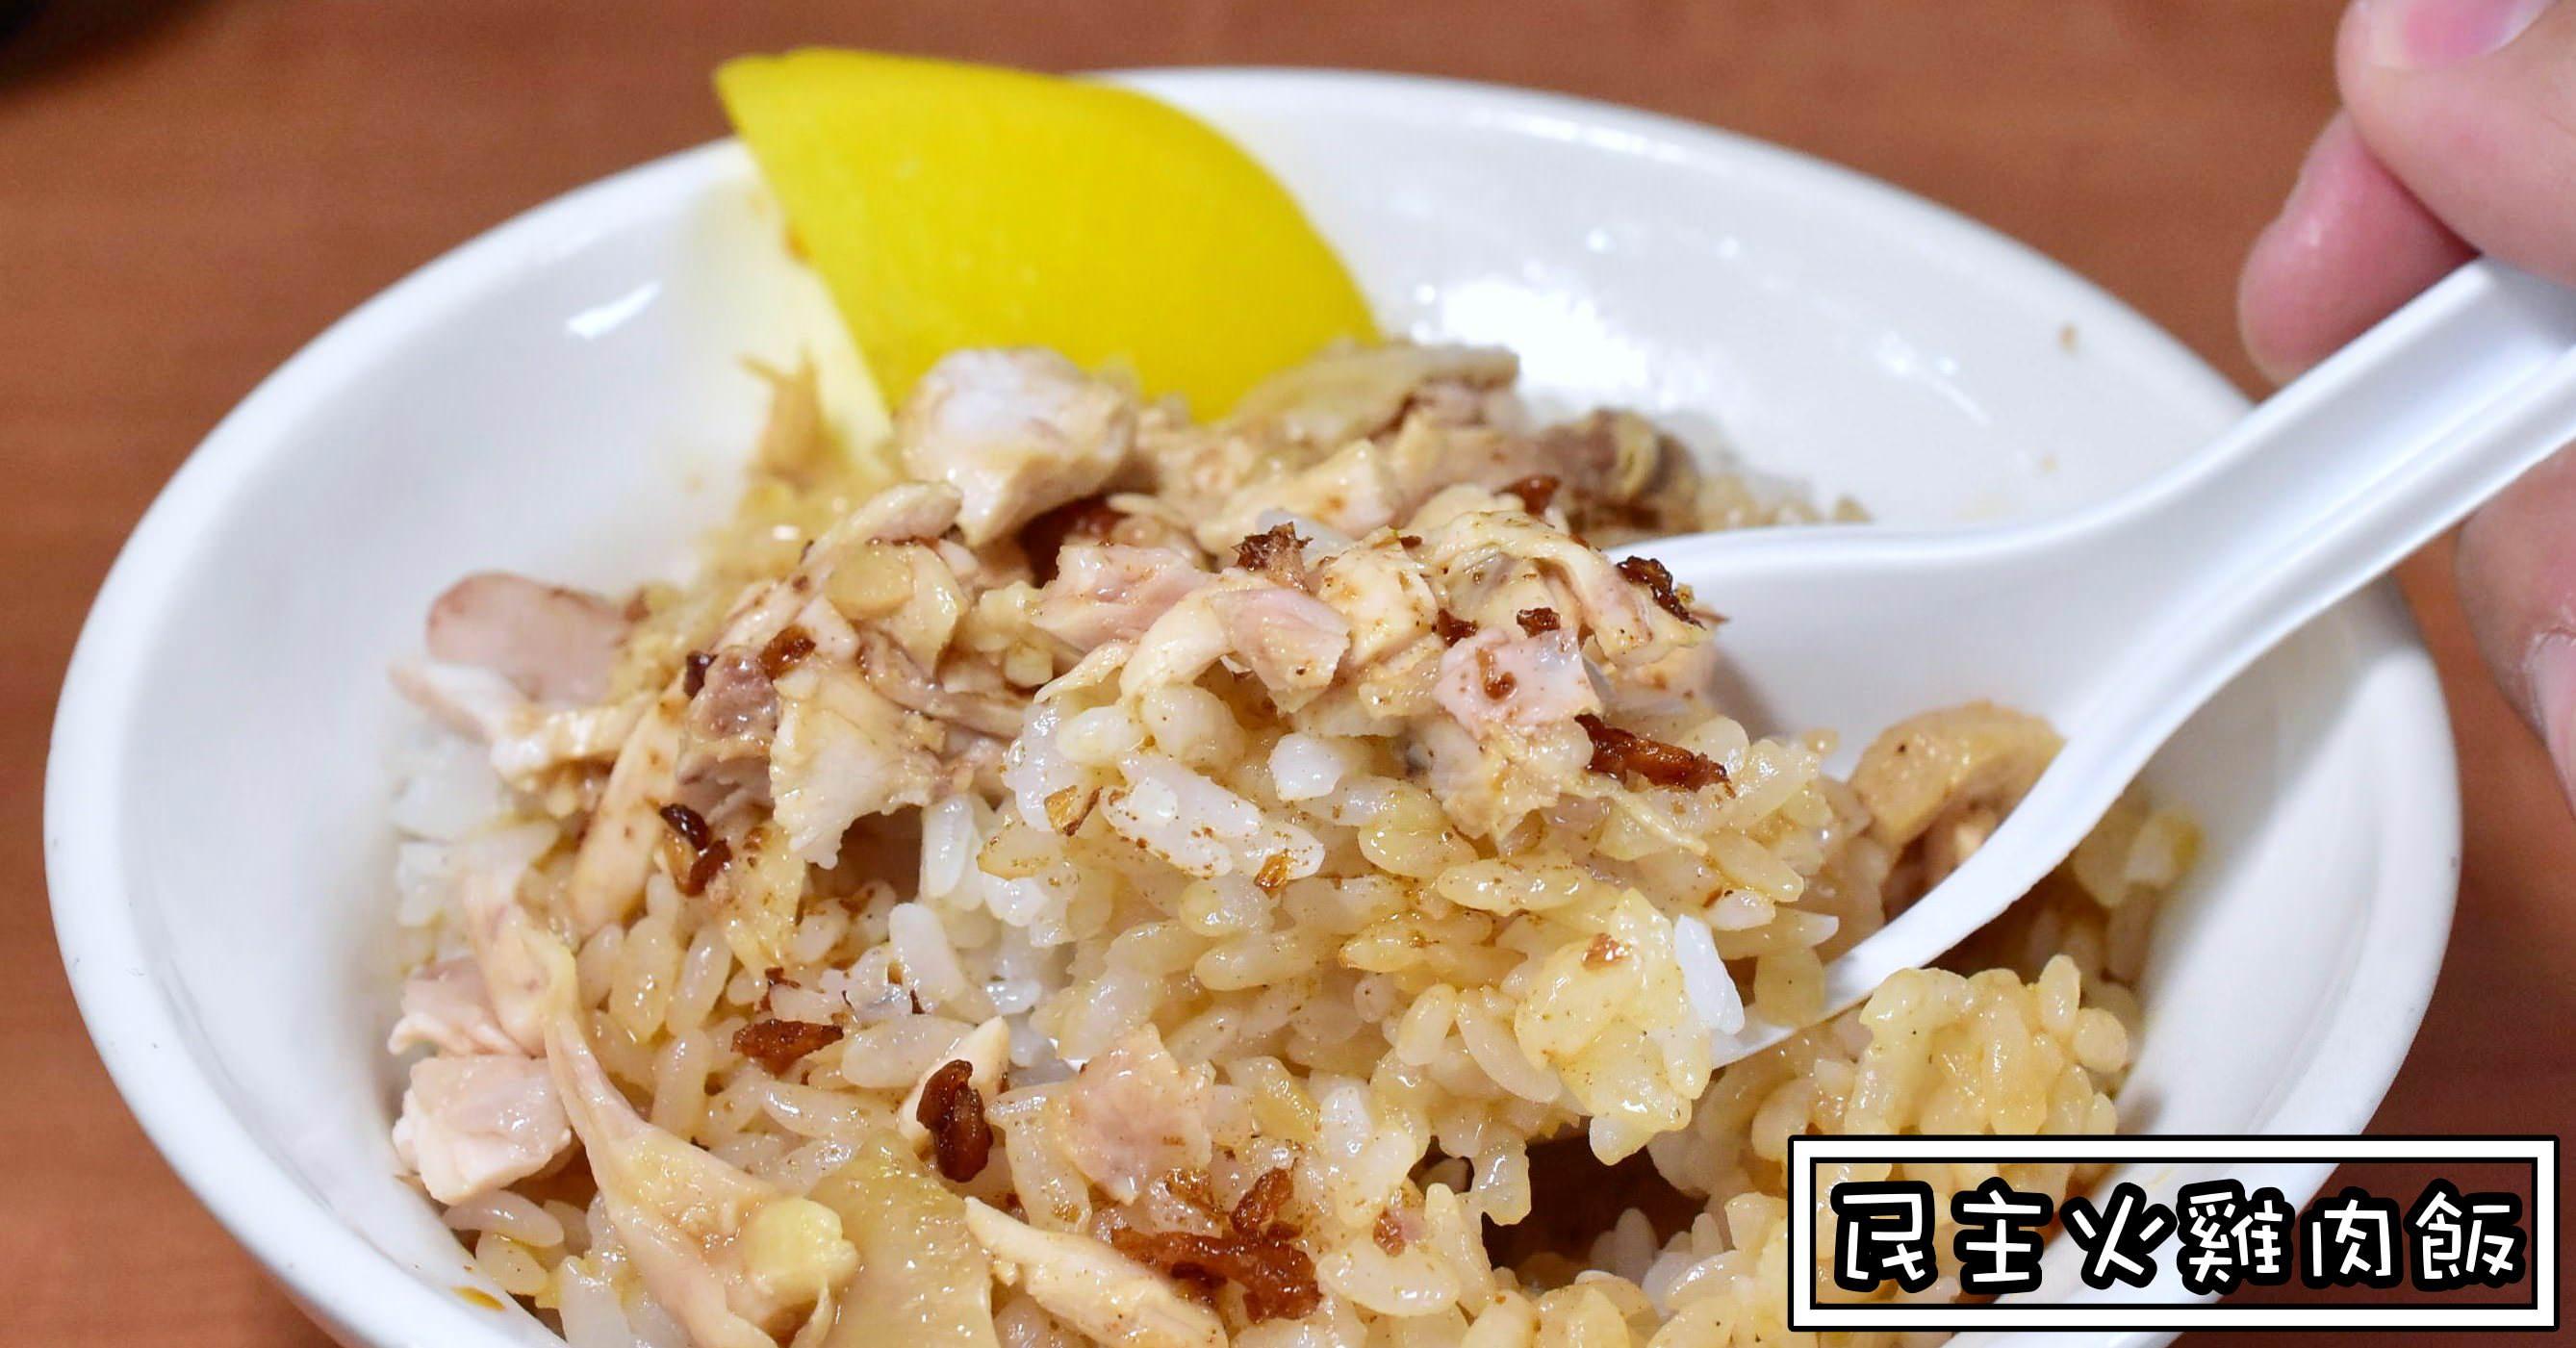 民主火雞肉飯|嘉義火雞肉飯-全是油蔥酥味道的雞肉飯 (菜單價錢)